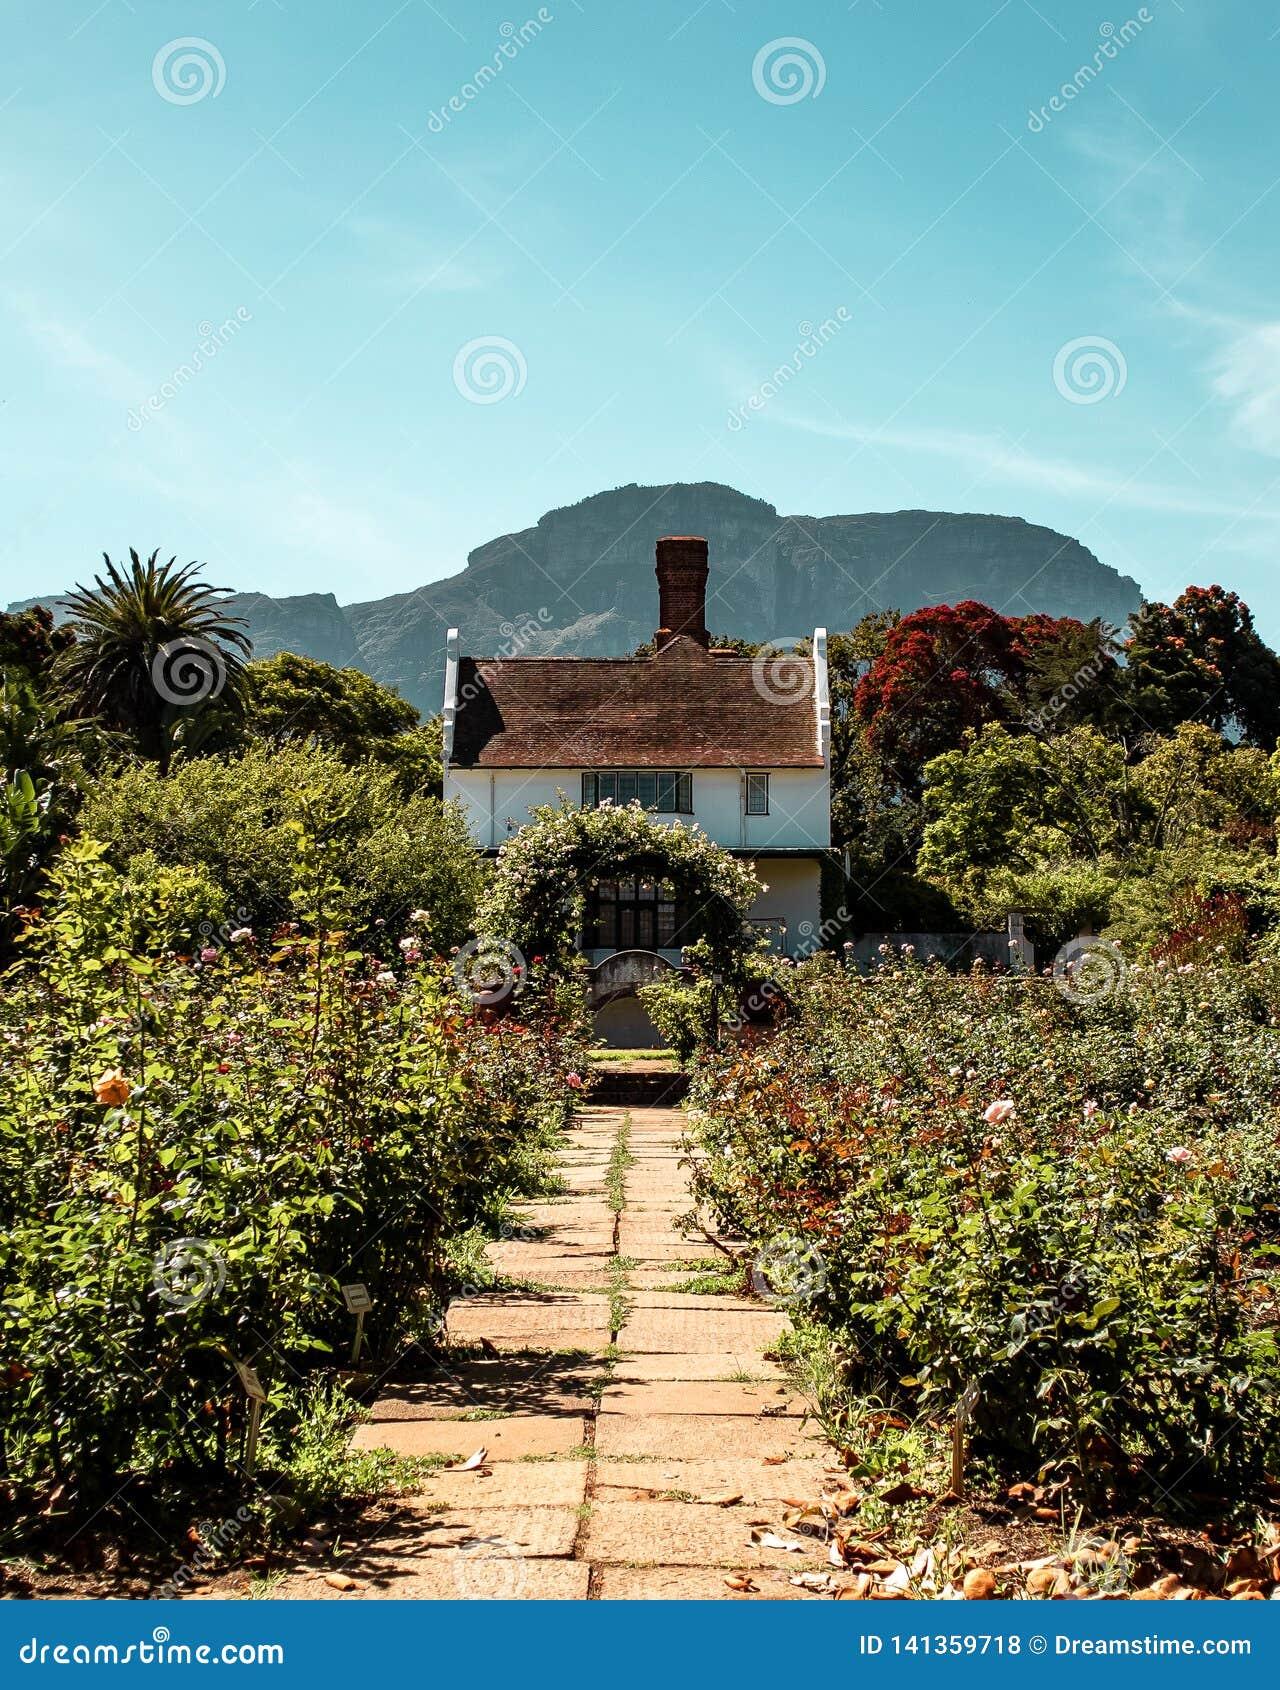 Casa de campo vitoriano do estilo com o arco no jardim de rosas